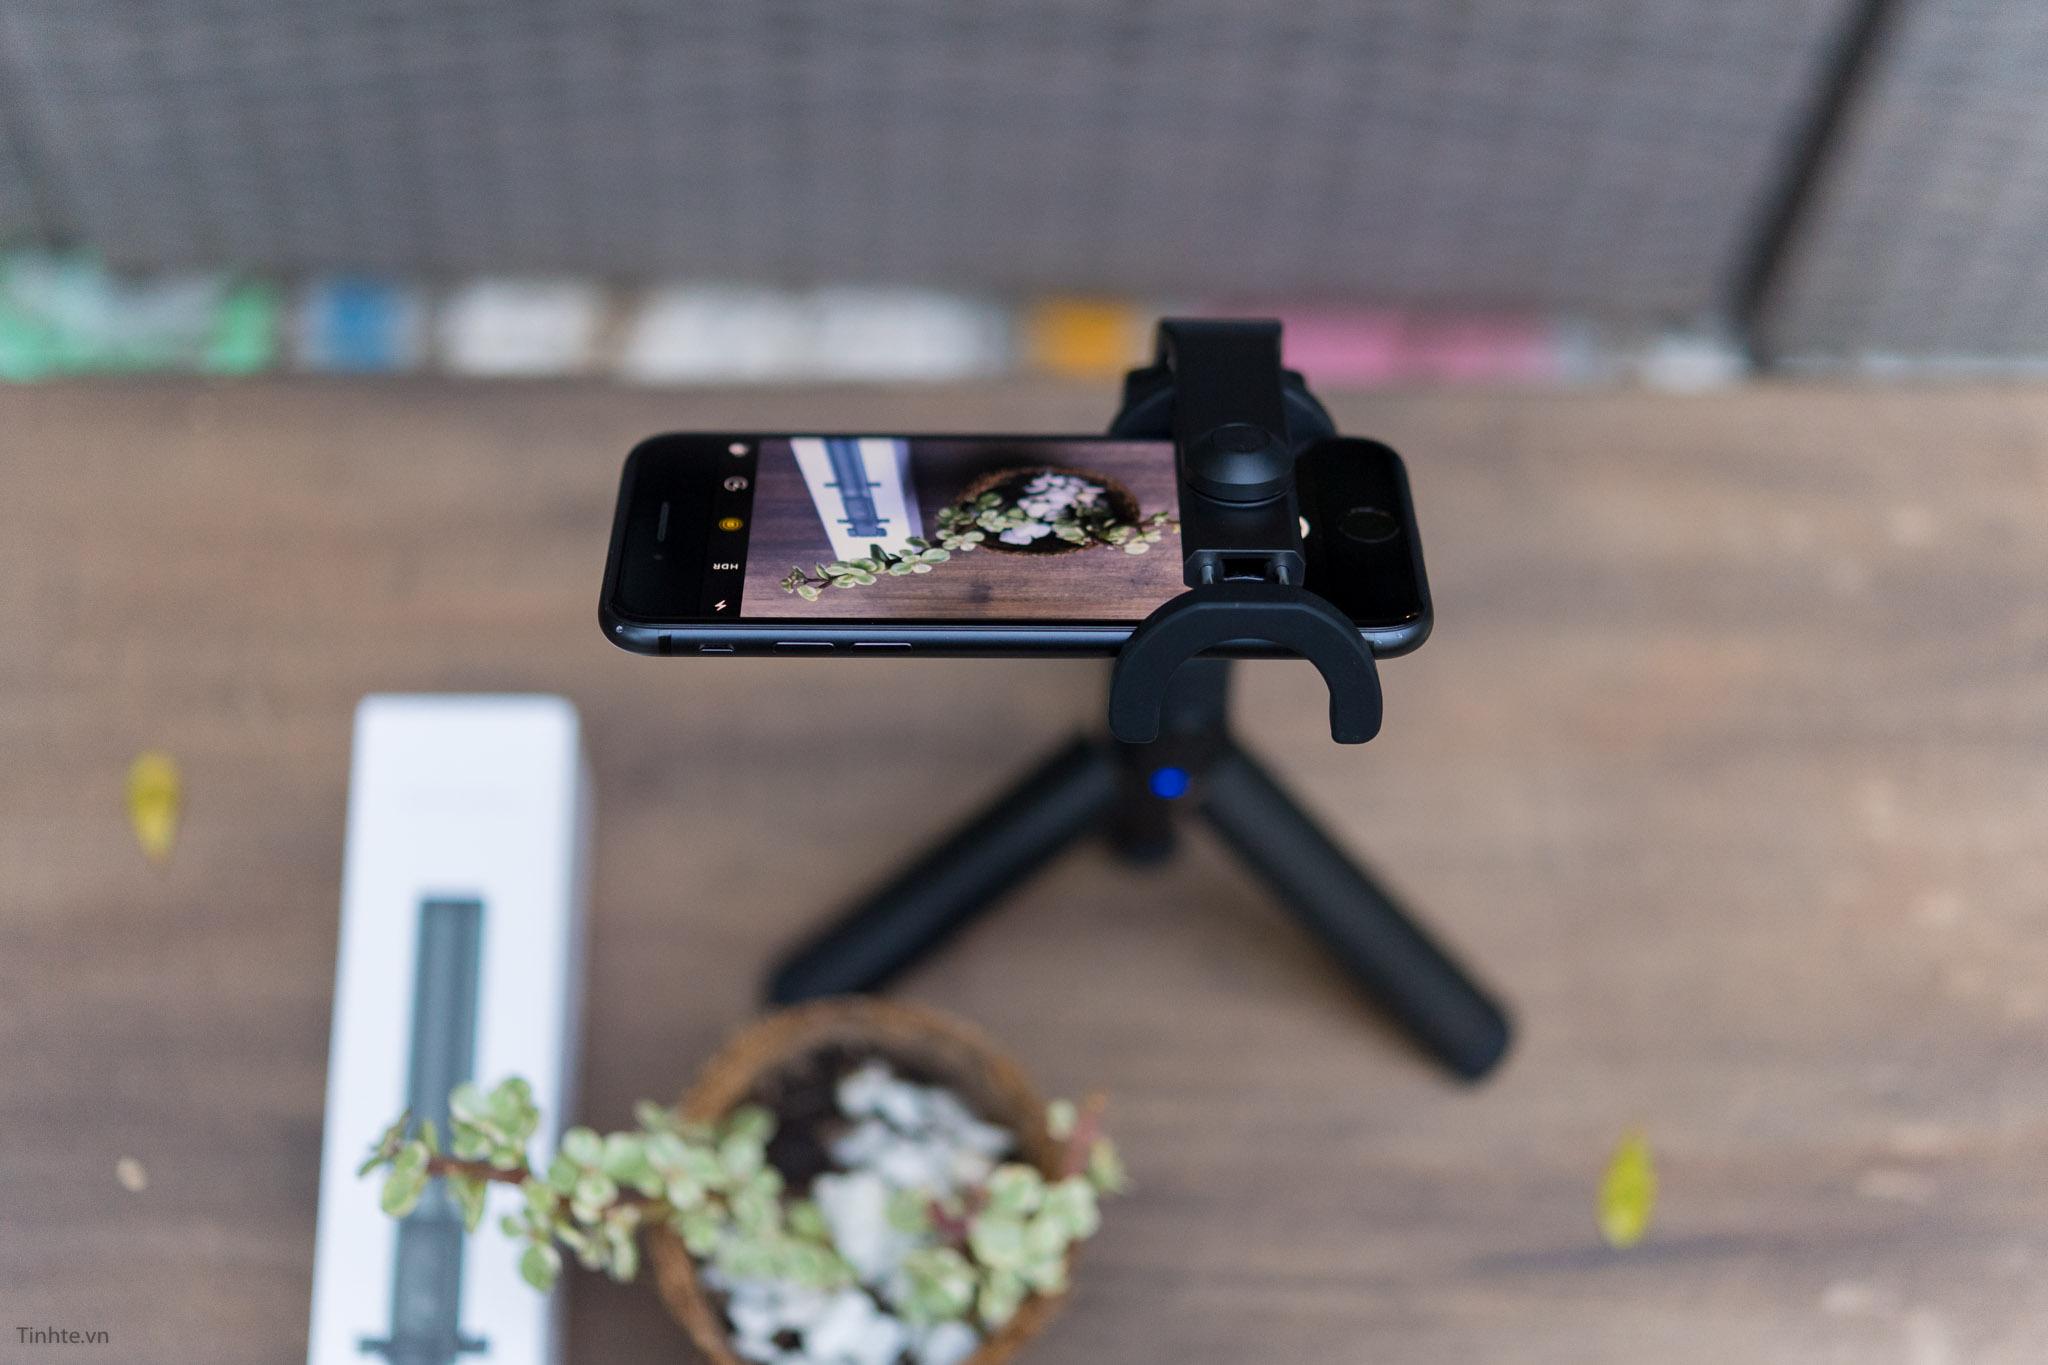 Xiaomi-tripod-tinhte-7.jpg